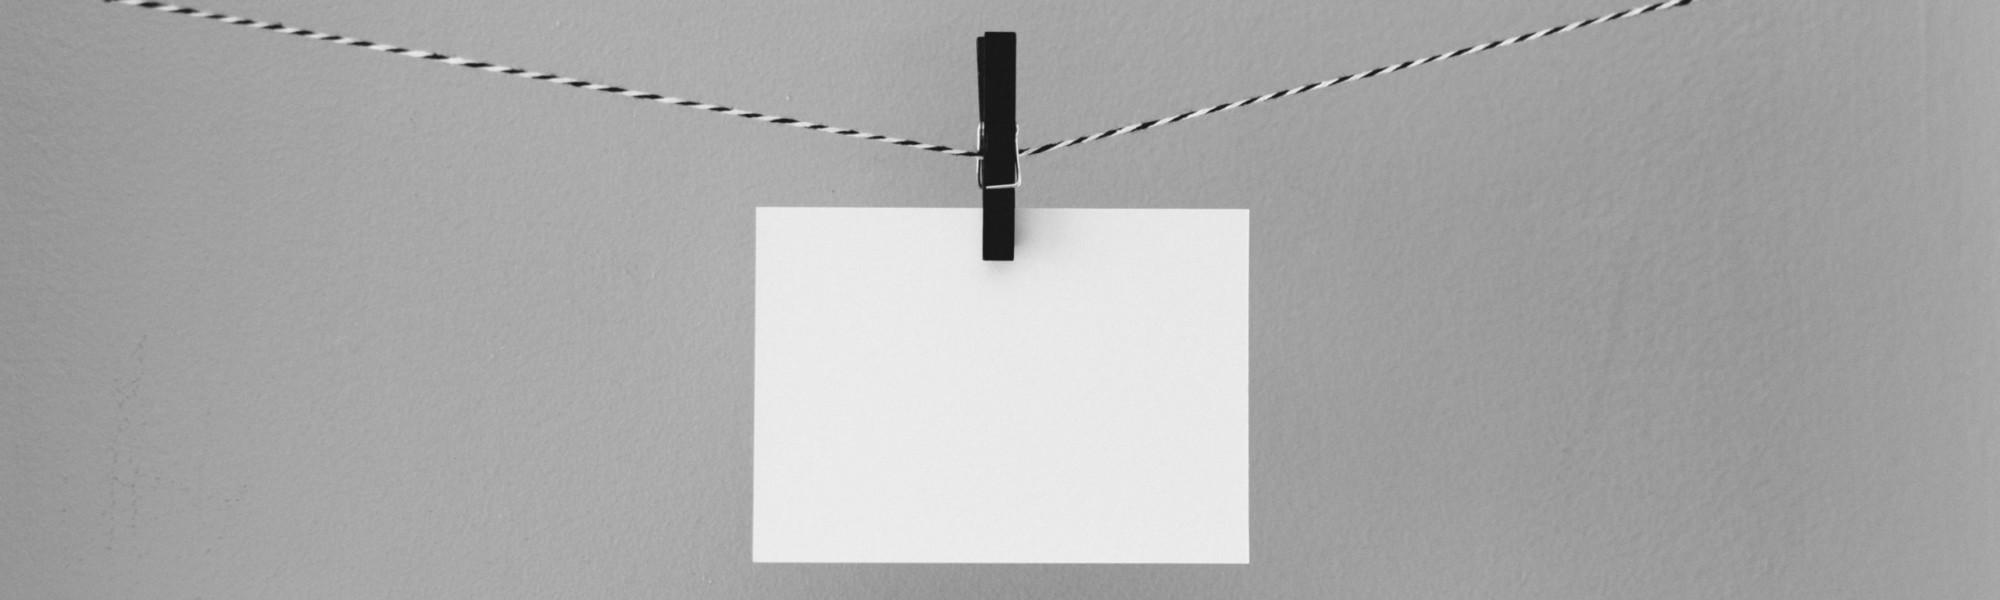 Kuvassa on narulle pyykkipojalla ripustettu tyhjä paperiarkki.